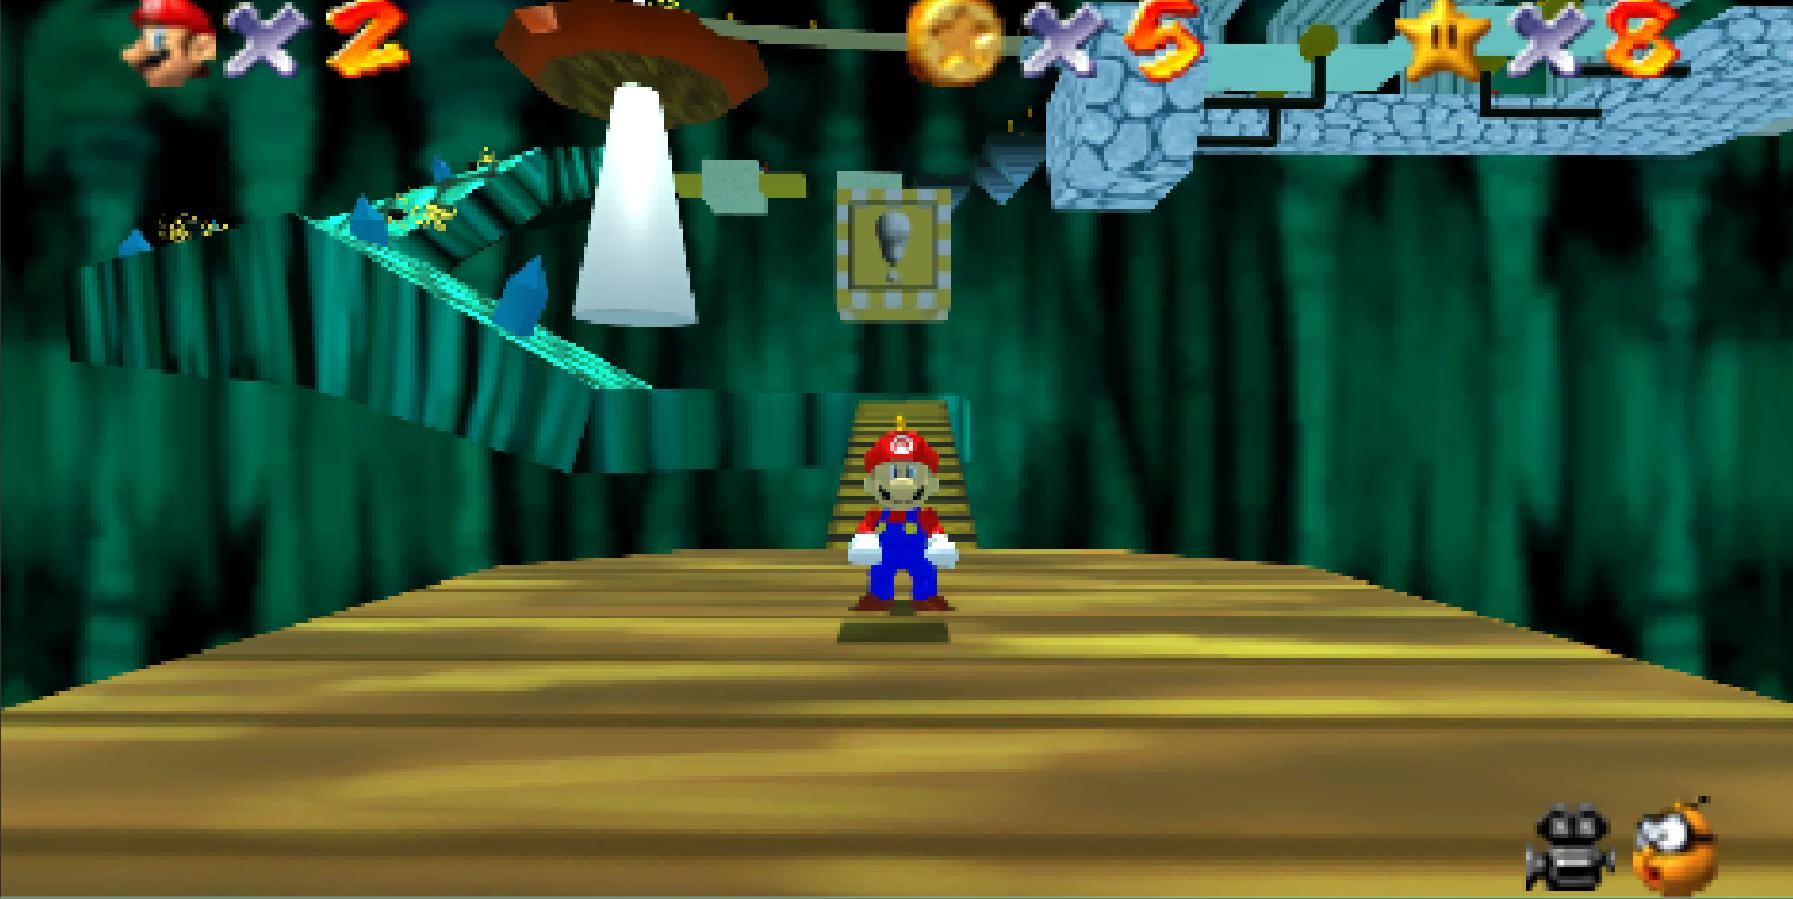 Super Mario 64 Recreation by alb812